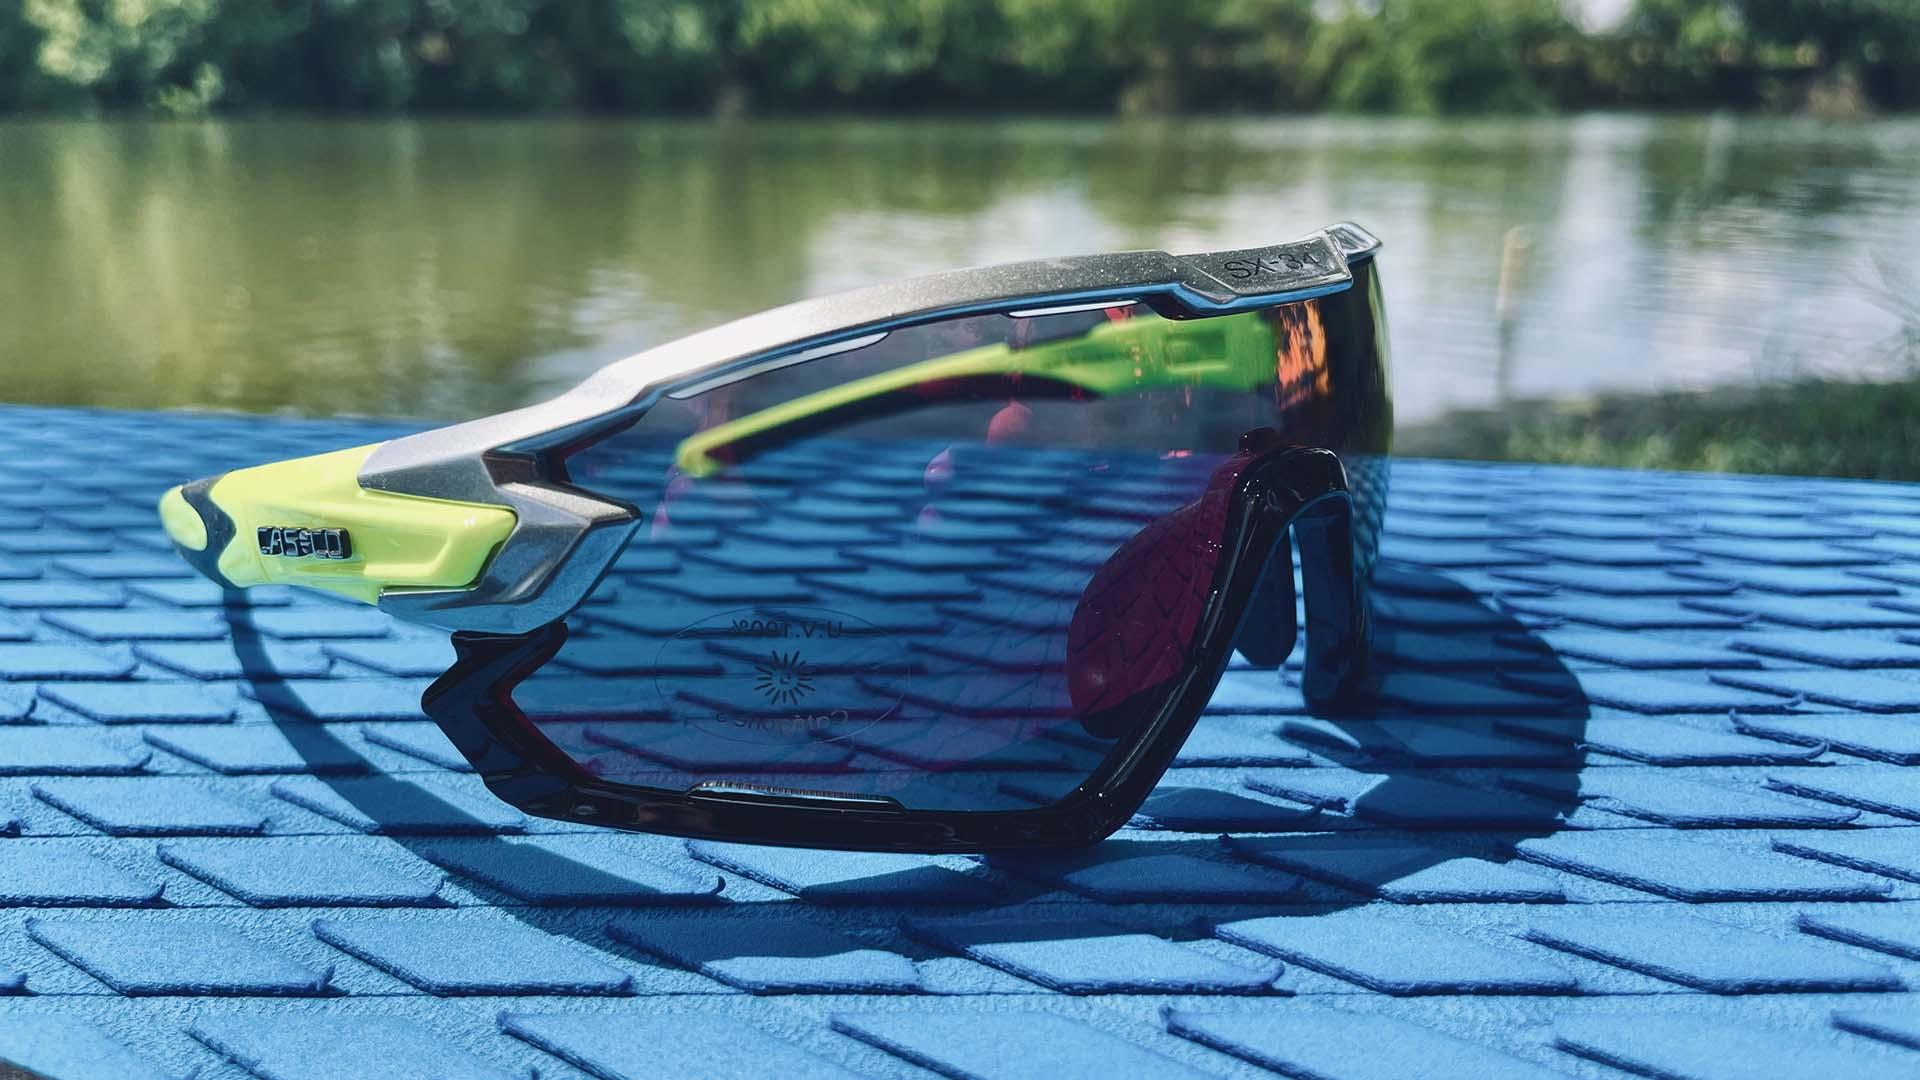 Funkcionális szemüveg sportoláshoz kifejlesztve: Casco SX-34 sportszemüveg-8